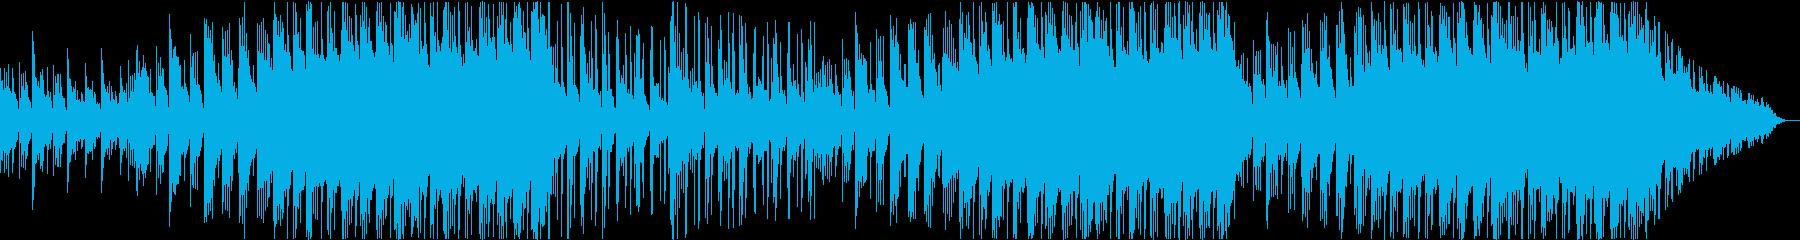 ドラム音量を下げたバージョンの再生済みの波形